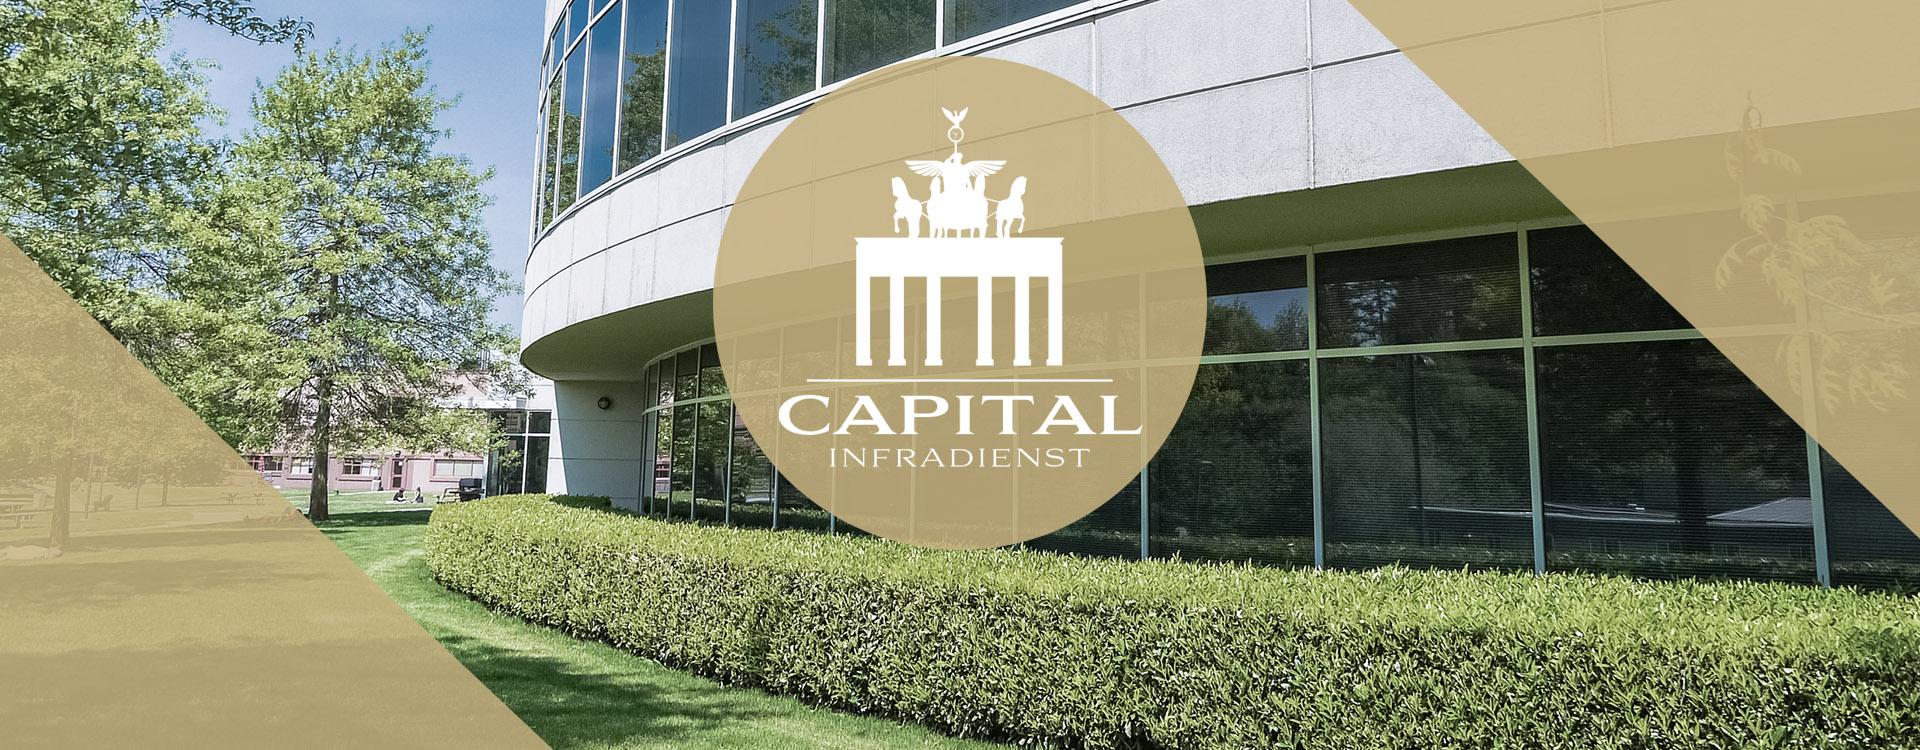 capital-infradienst-slider-garten-landschaftspflege